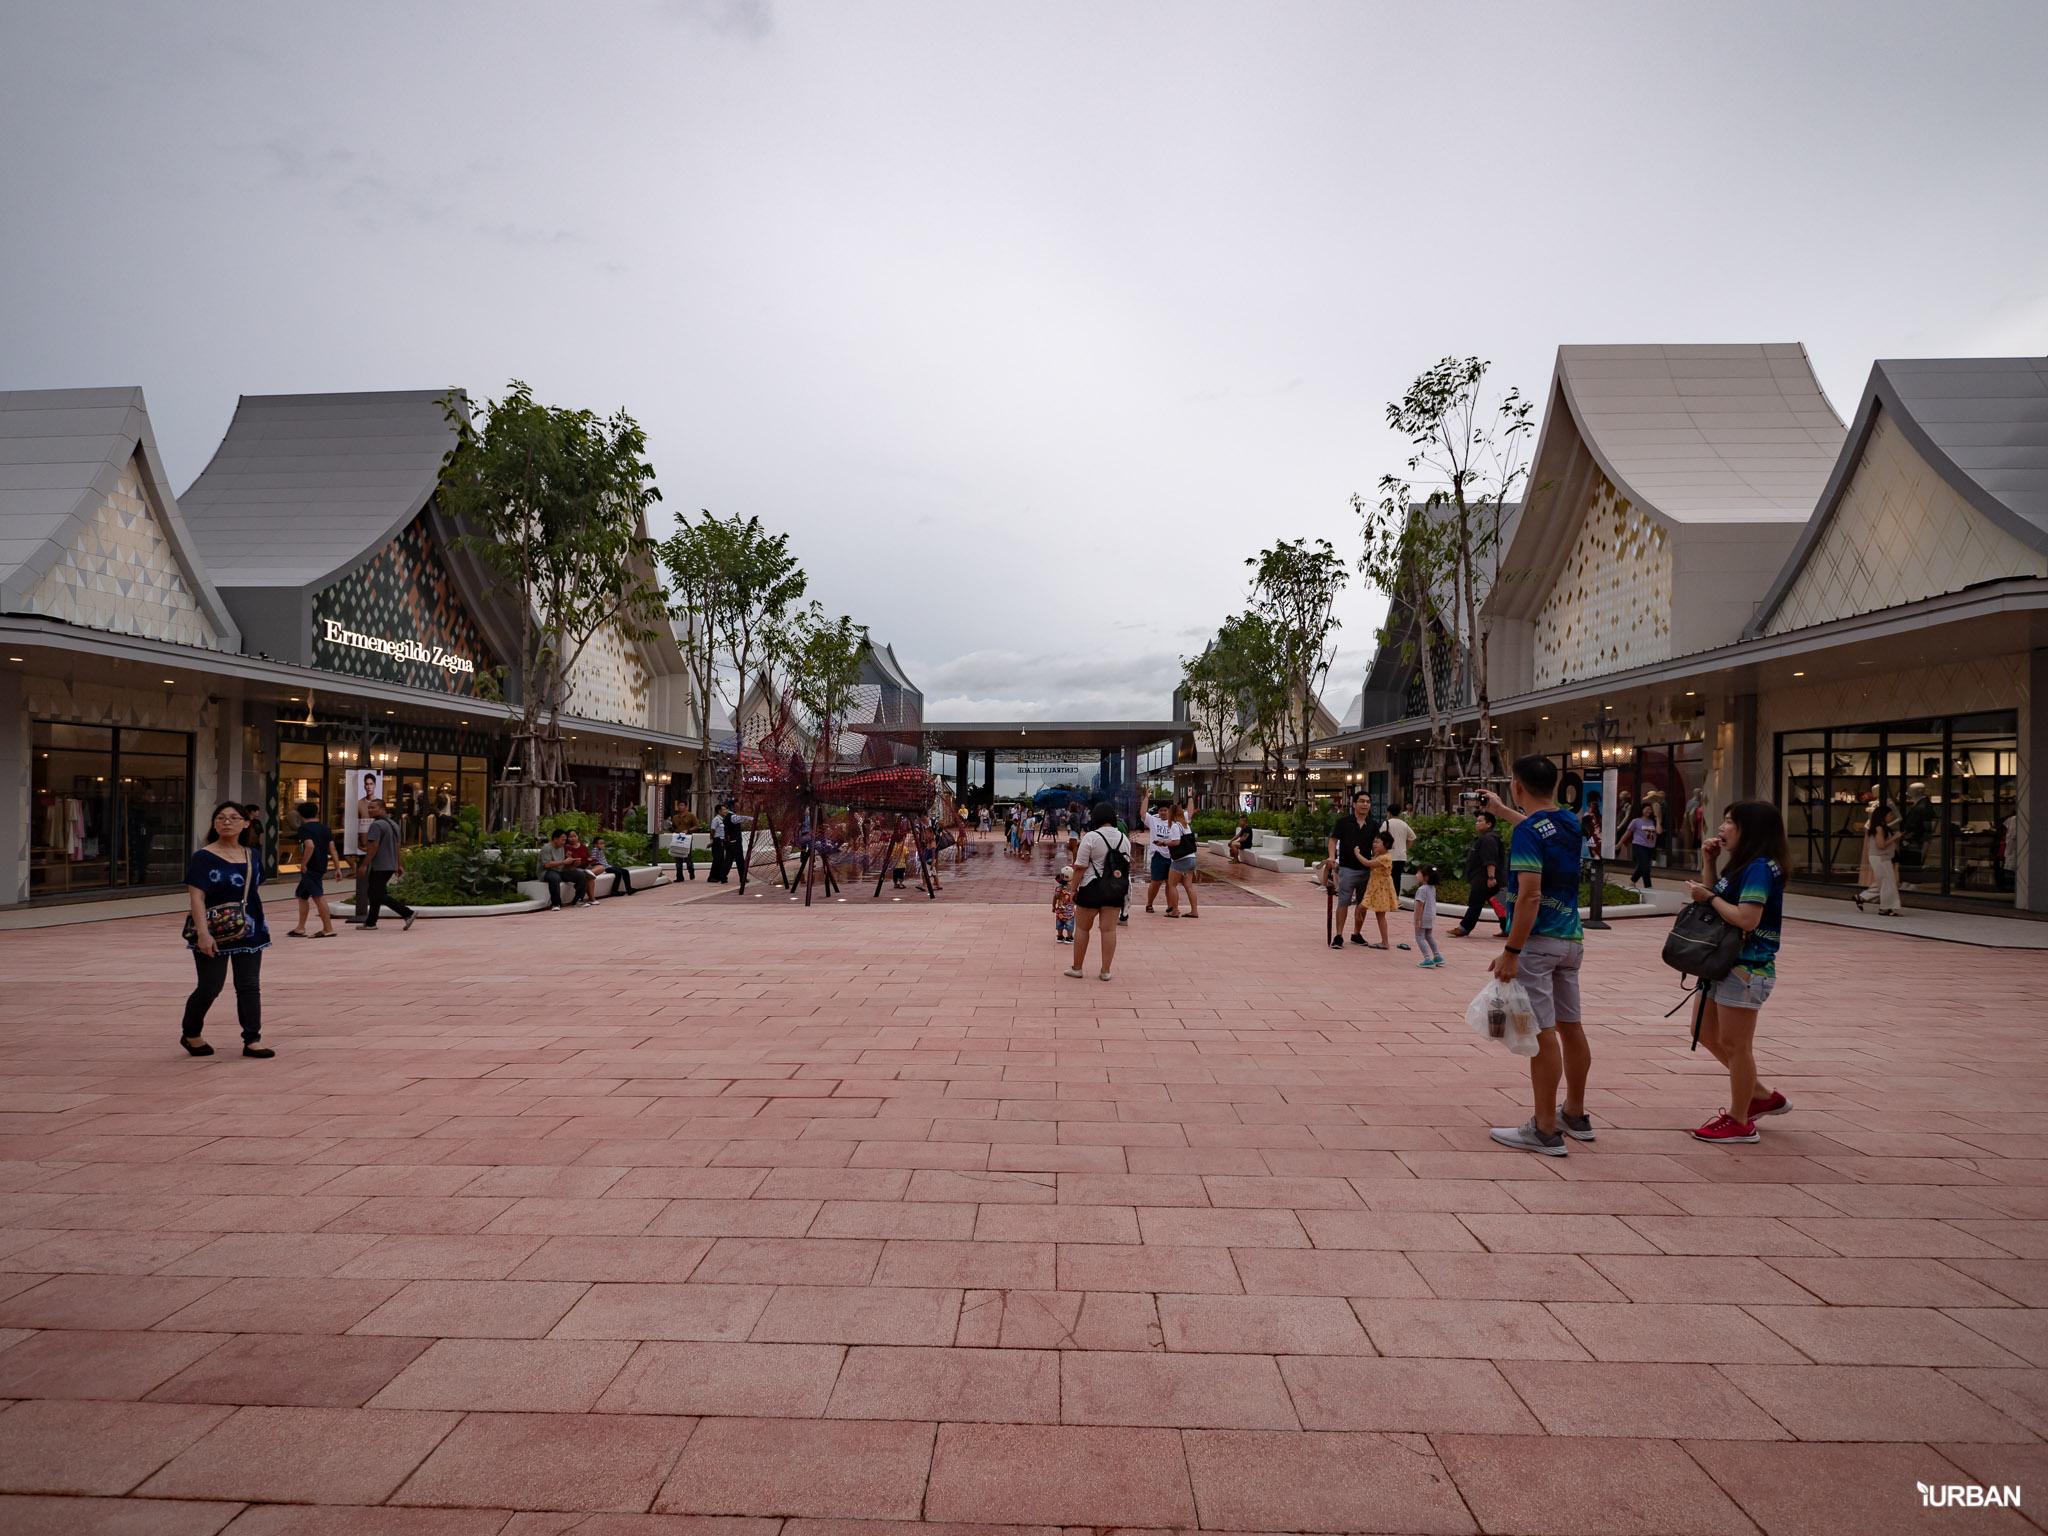 14 เรื่องของ Central Village โปรเจคใหม่ Luxury Outlet แห่งแรกของไทยที่คุณควรรู้ #พร้อมภาพวันเปิดตัว 15 - Central